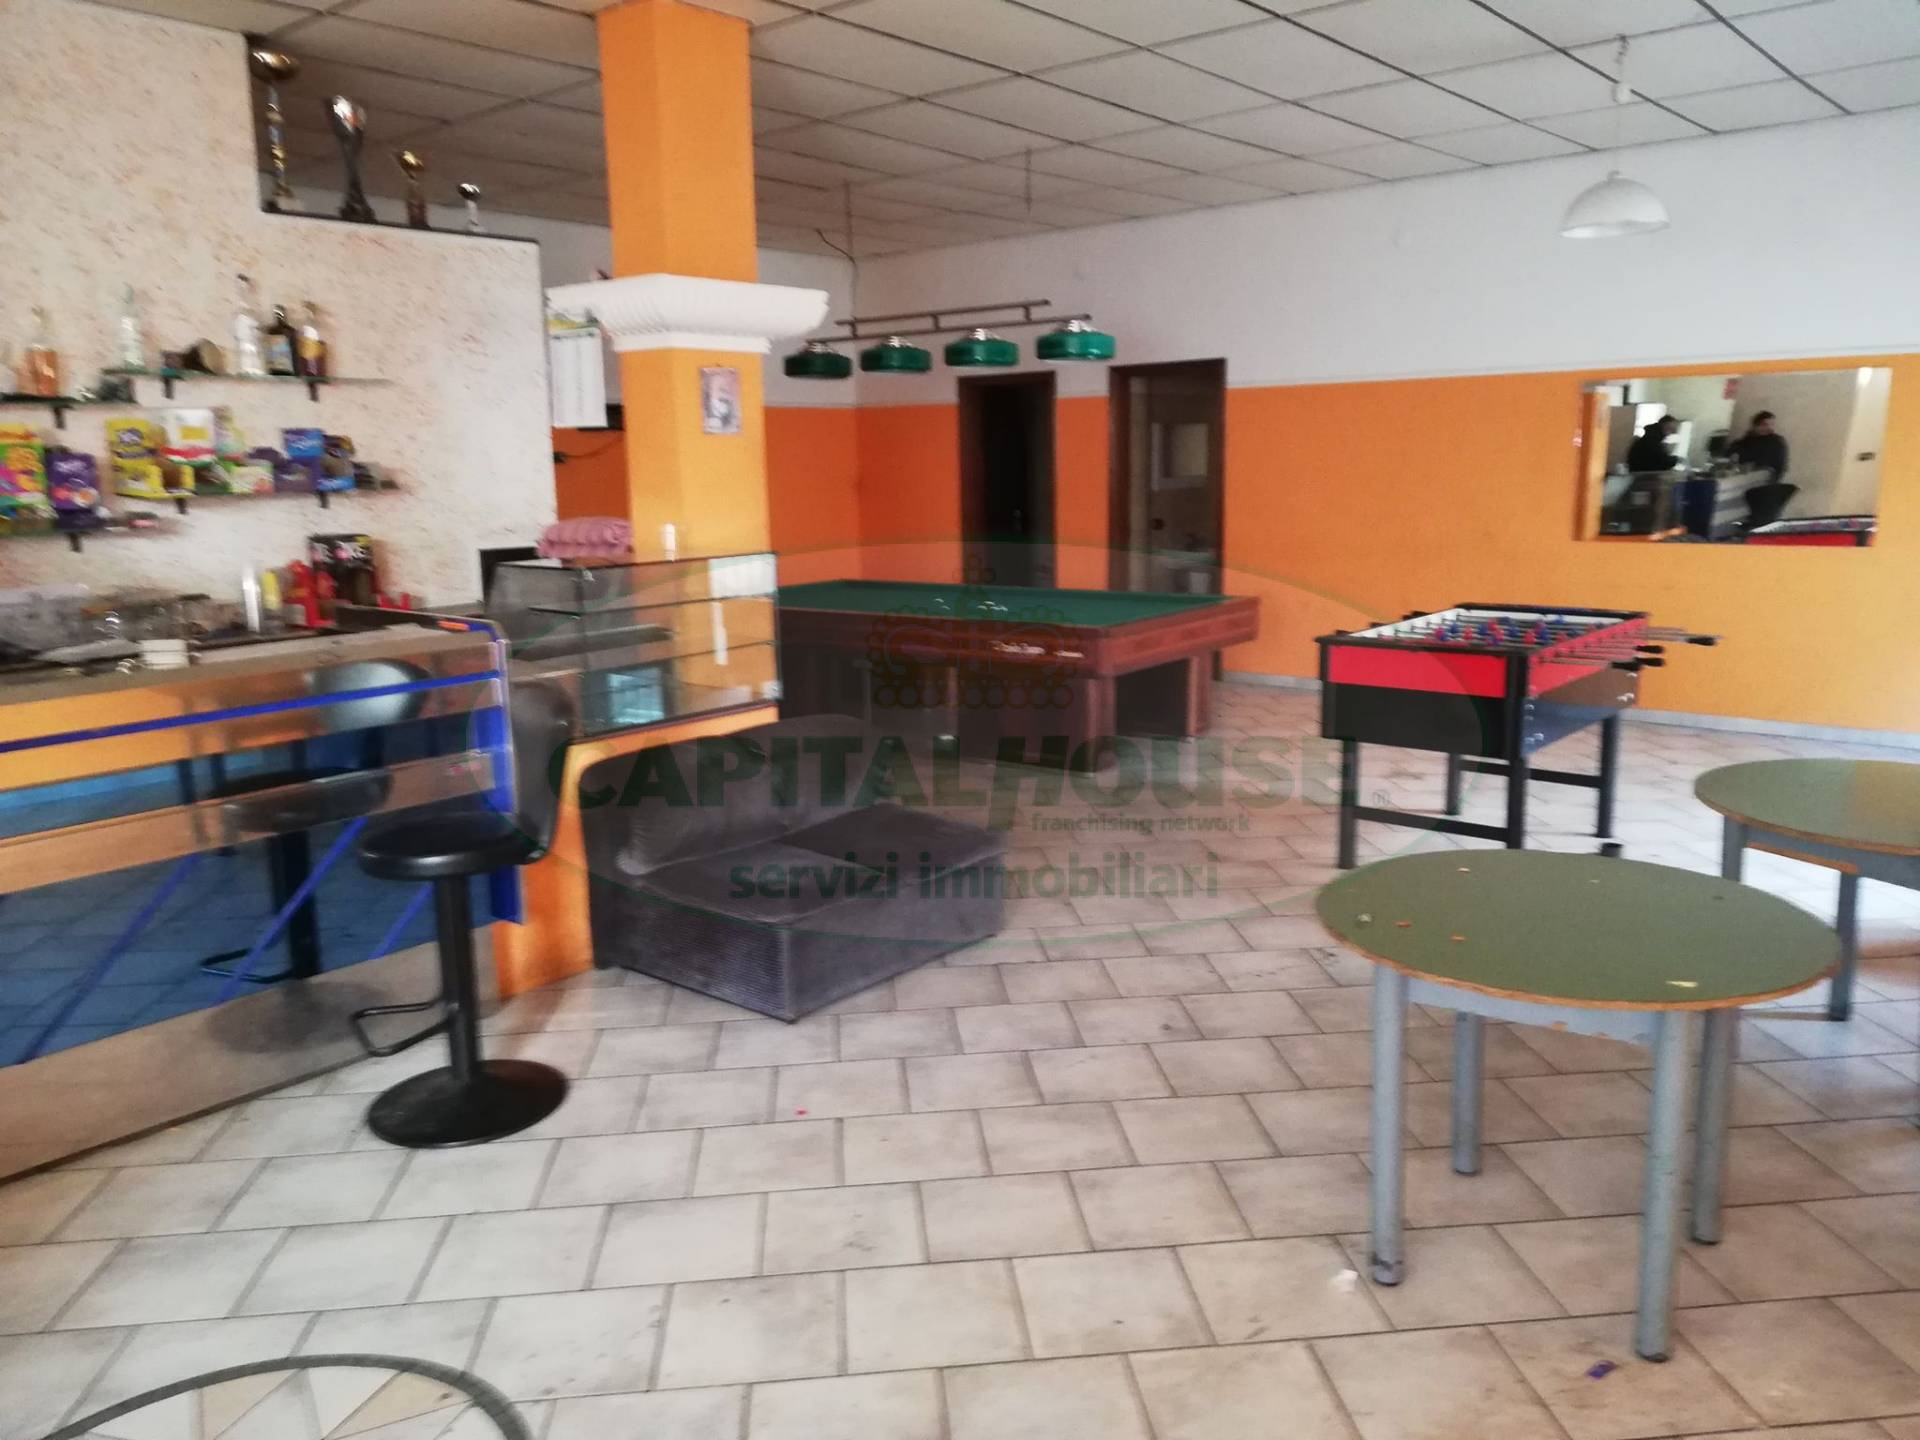 Negozio / Locale in vendita a Mugnano del Cardinale, 9999 locali, prezzo € 105.000 | CambioCasa.it